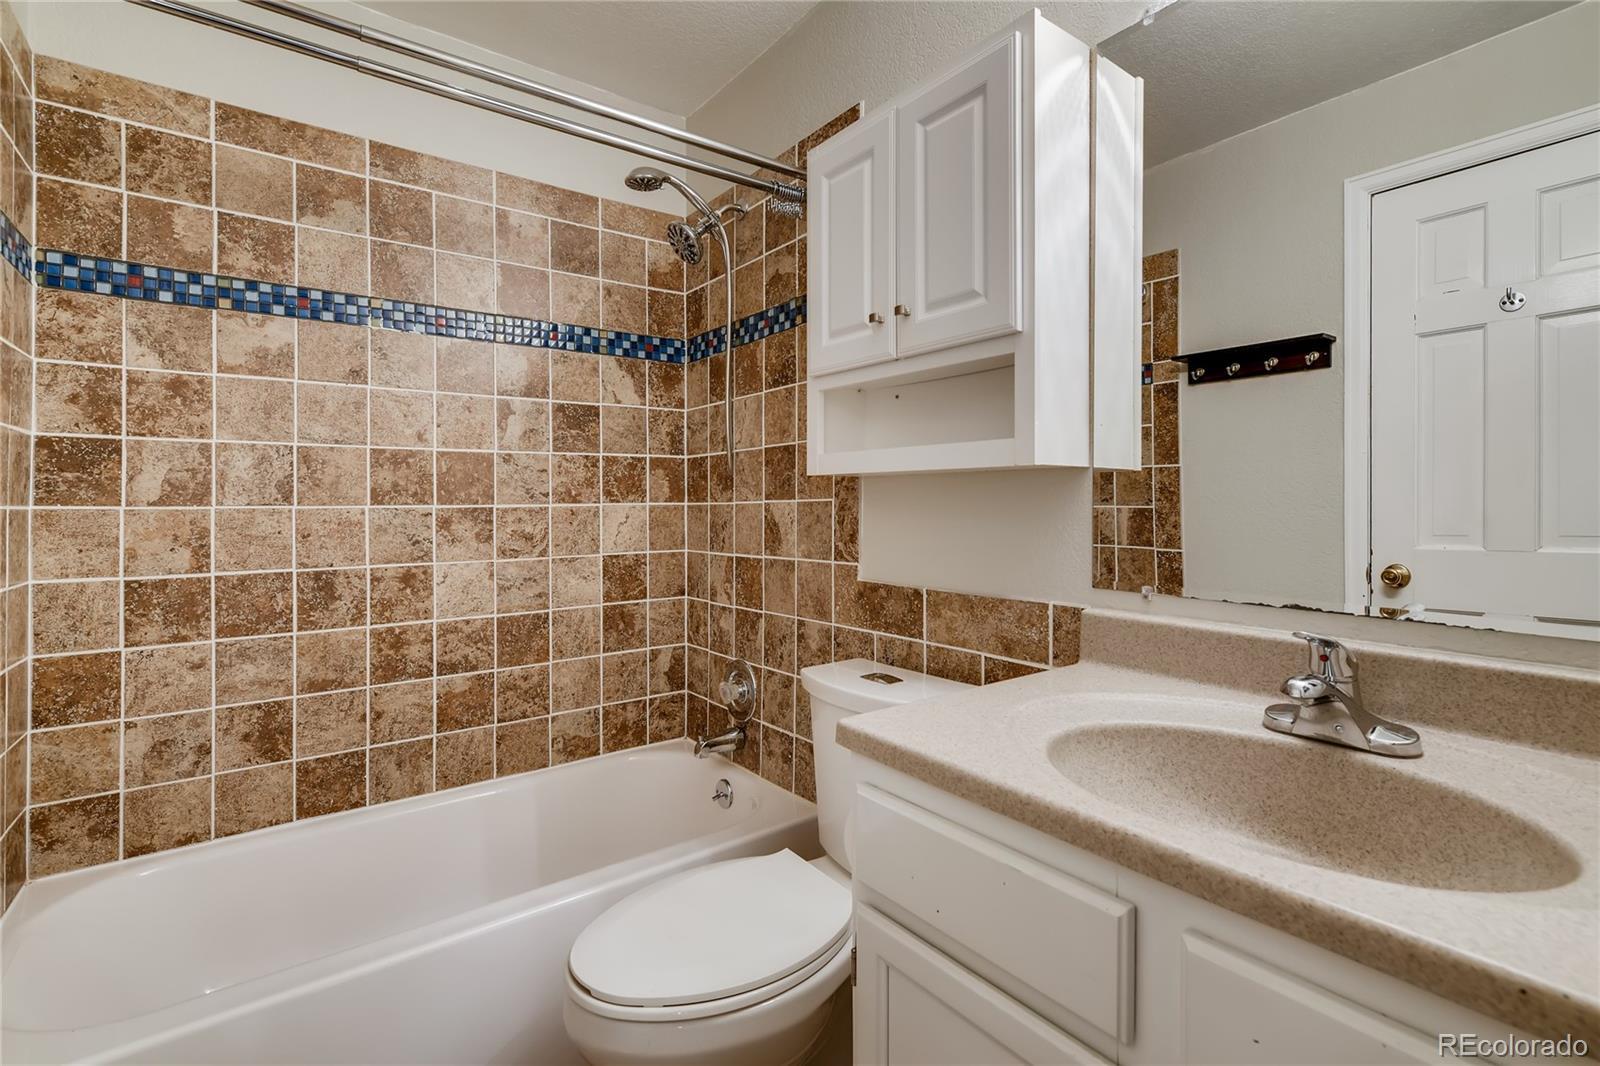 MLS# 2286573 - 23 - 836 S Vance Street #A, Lakewood, CO 80226